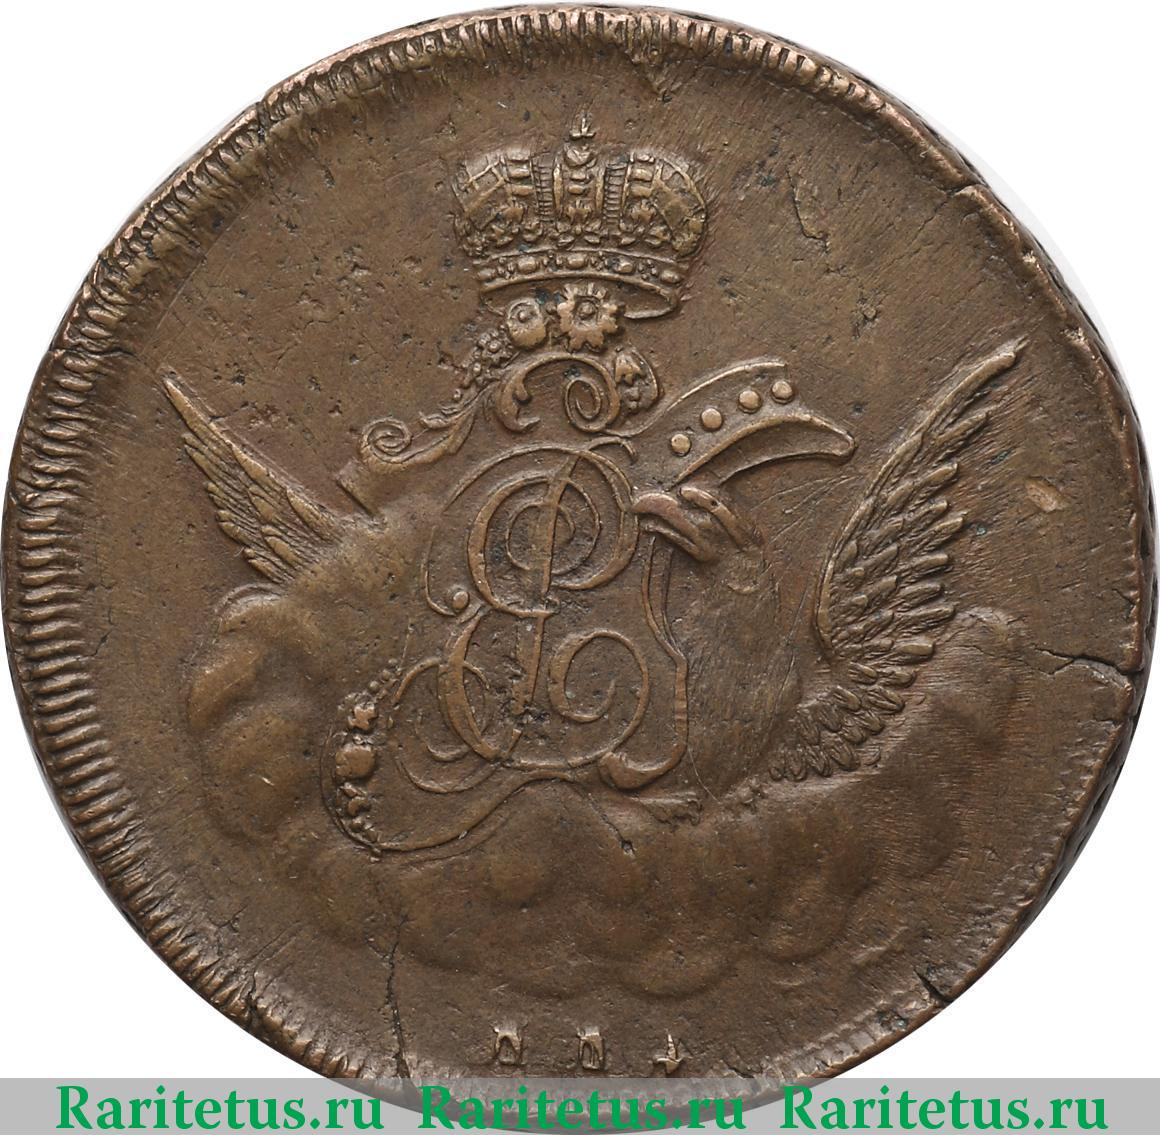 Монета 1755 года цена космос цена